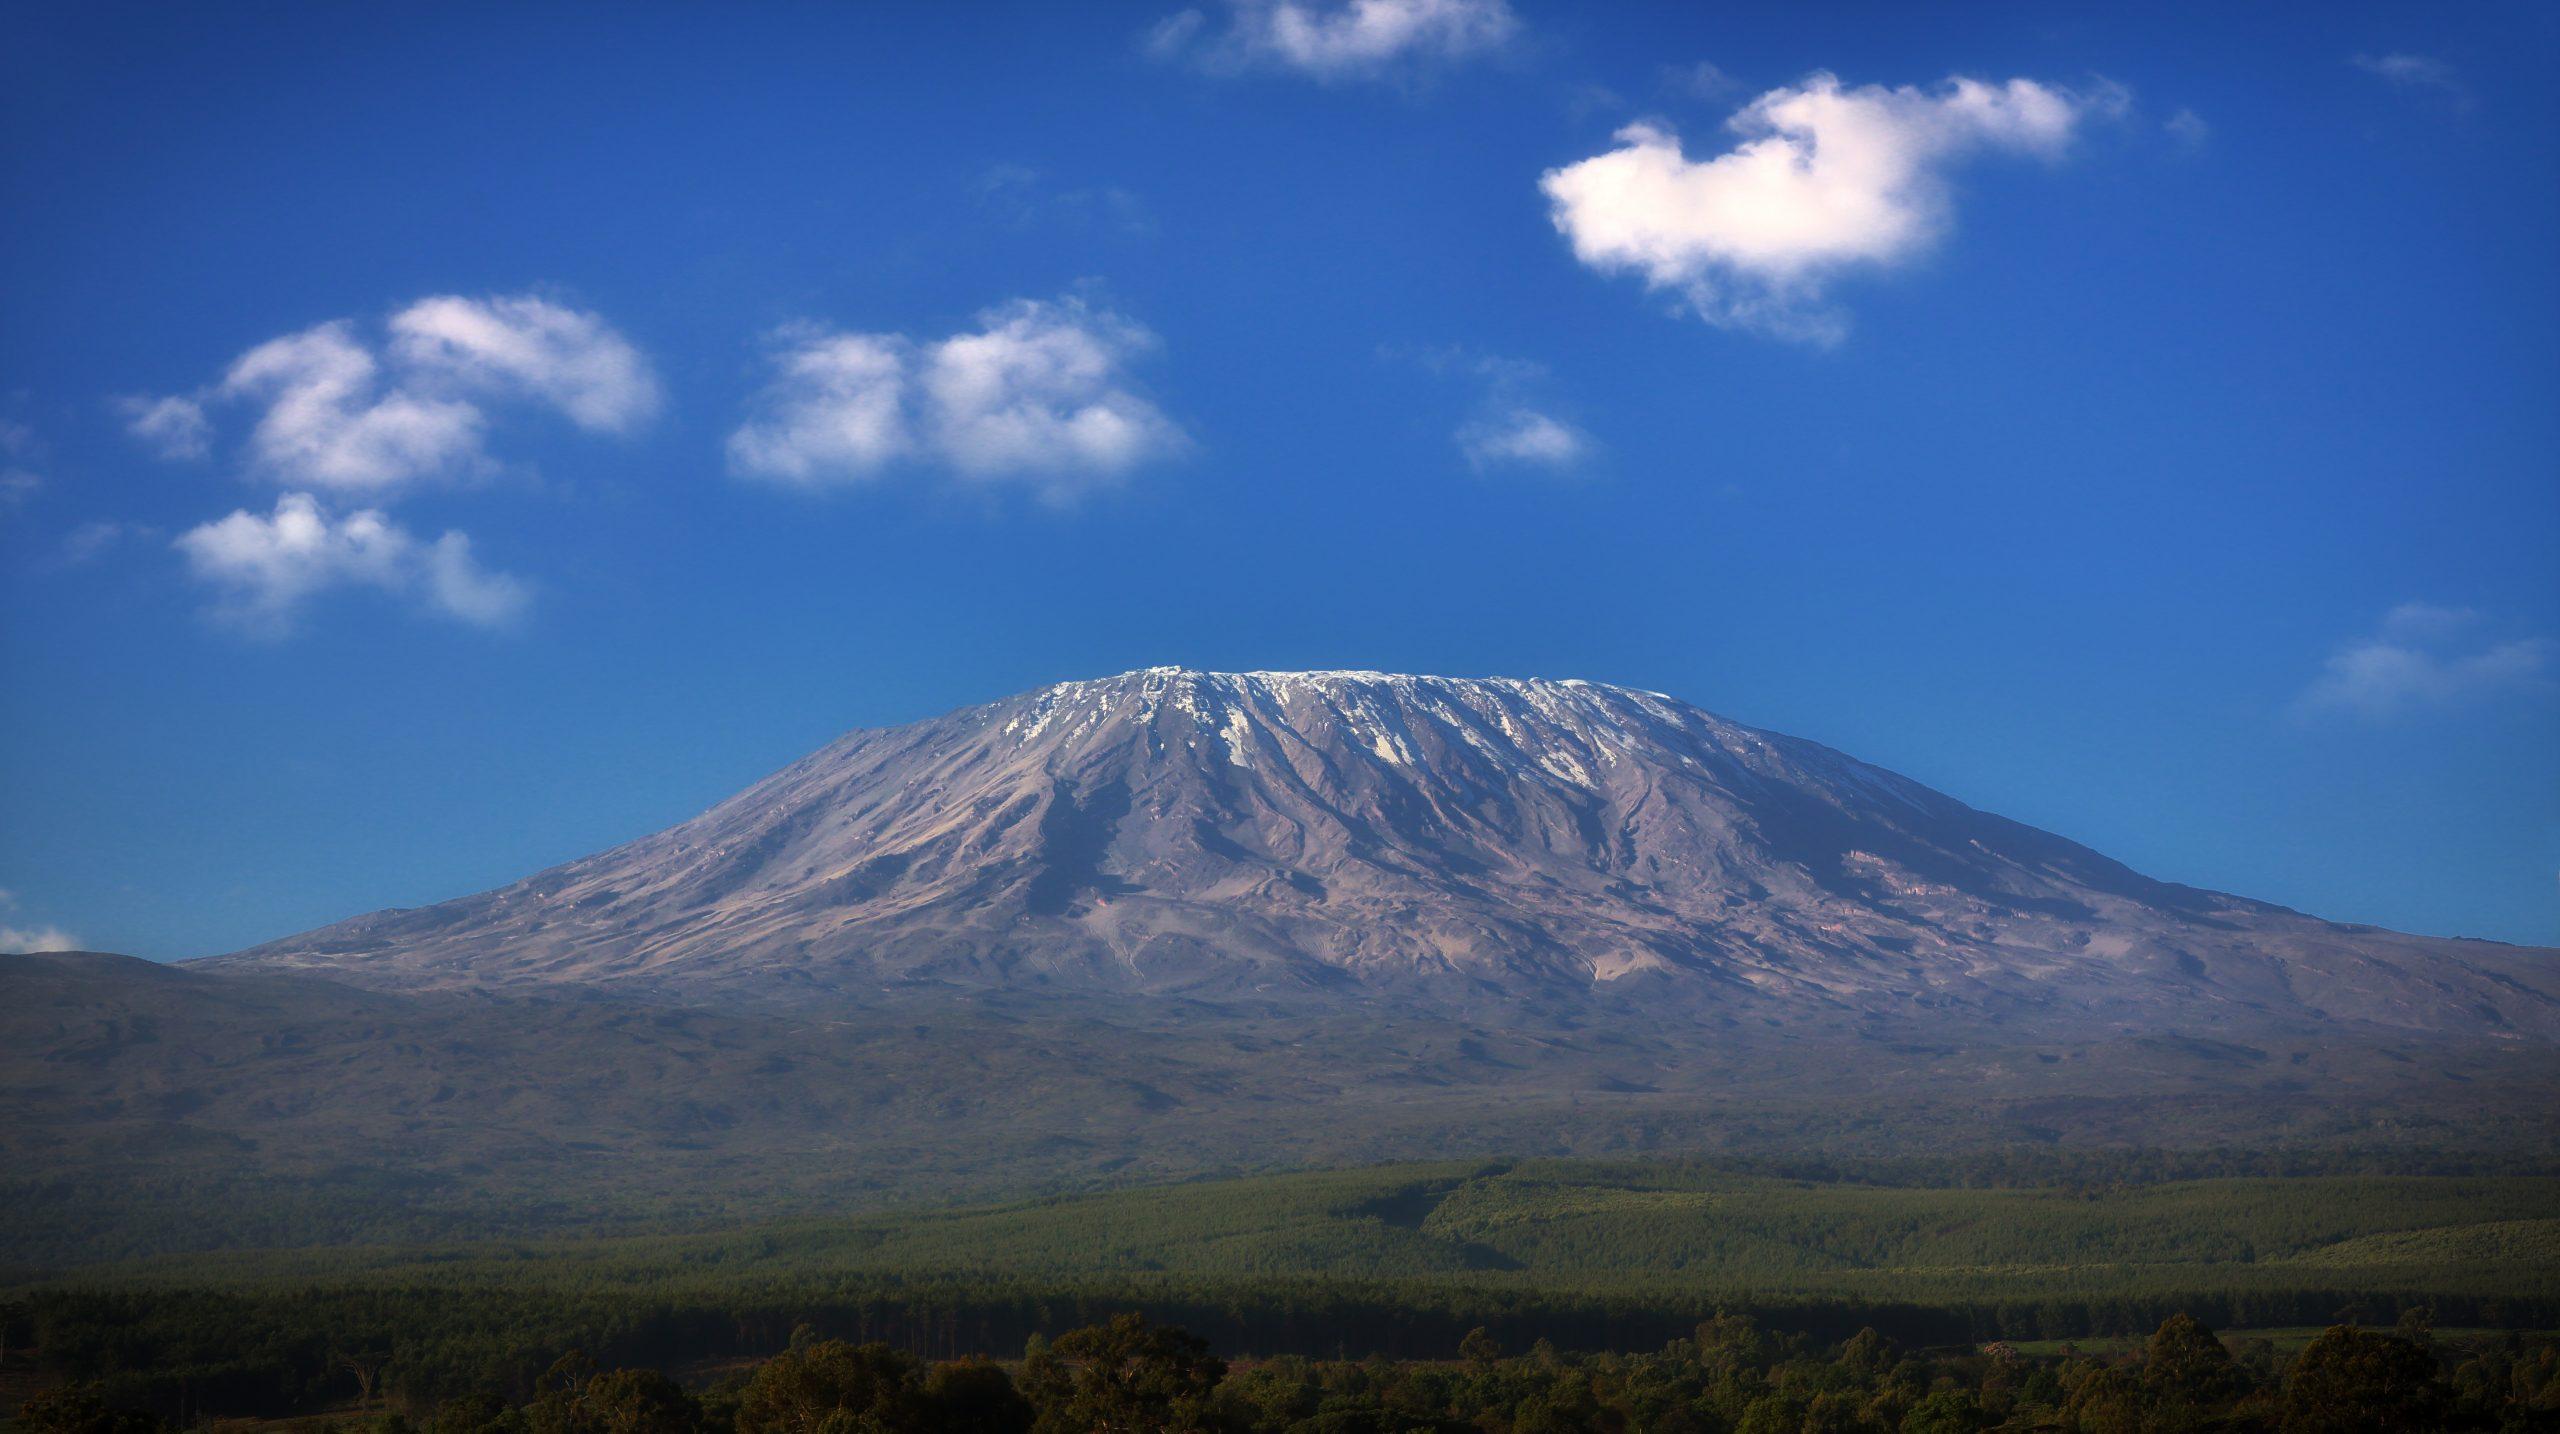 Een bezoek brengen aan de Mount Kilimanjaro